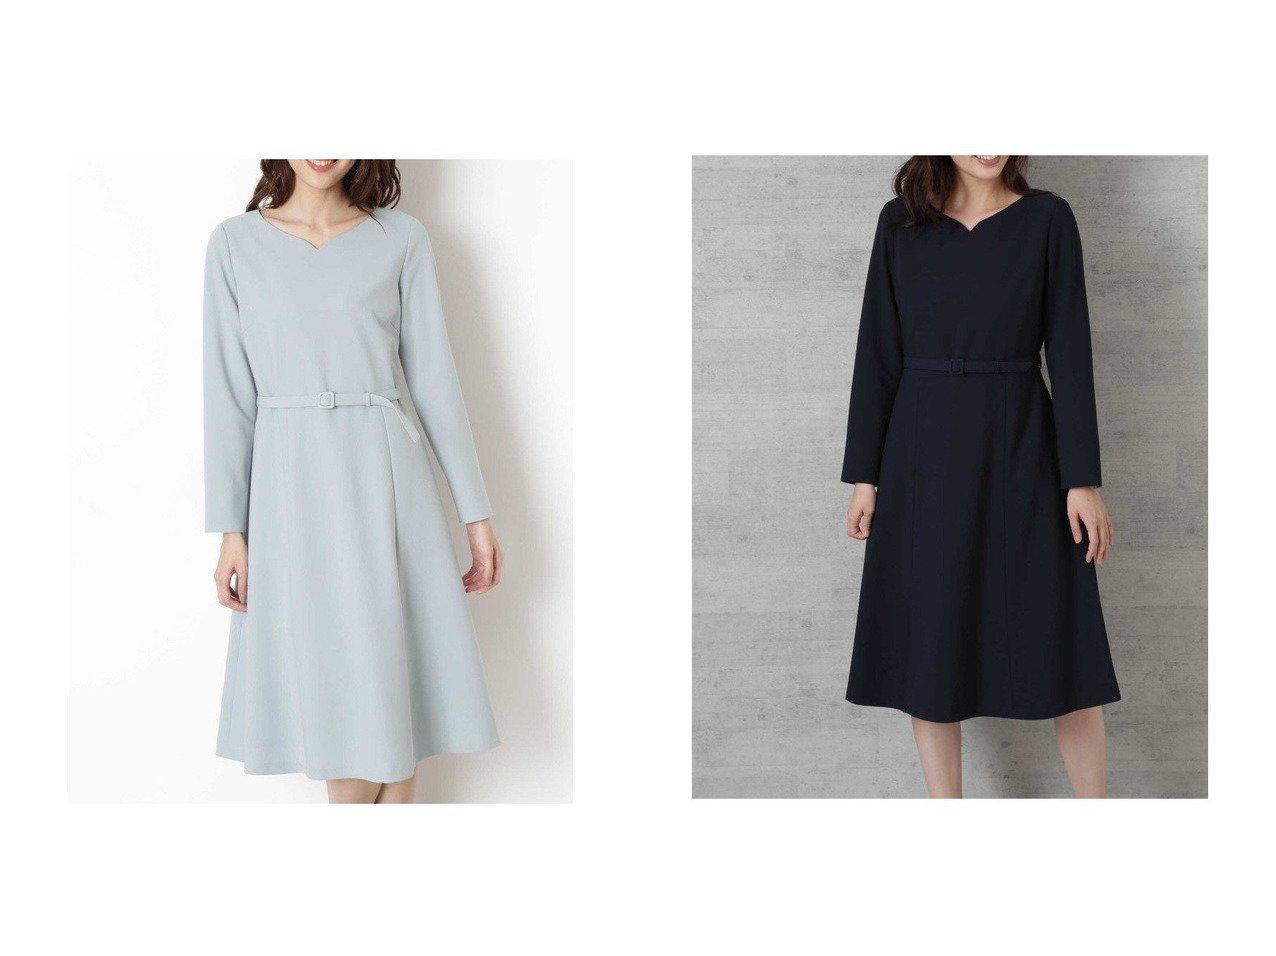 【NATURAL BEAUTY BASIC/ナチュラル ビューティー ベーシック】の[洗える]ハートネックフィットアンドフレアワンピース ワンピース・ドレスのおすすめ!人気、レディースファッションの通販 おすすめで人気のファッション通販商品 インテリア・家具・キッズファッション・メンズファッション・レディースファッション・服の通販 founy(ファニー) https://founy.com/ ファッション Fashion レディース WOMEN ワンピース Dress アクセサリー コンパクト フィット フレア |ID:crp329100000002970